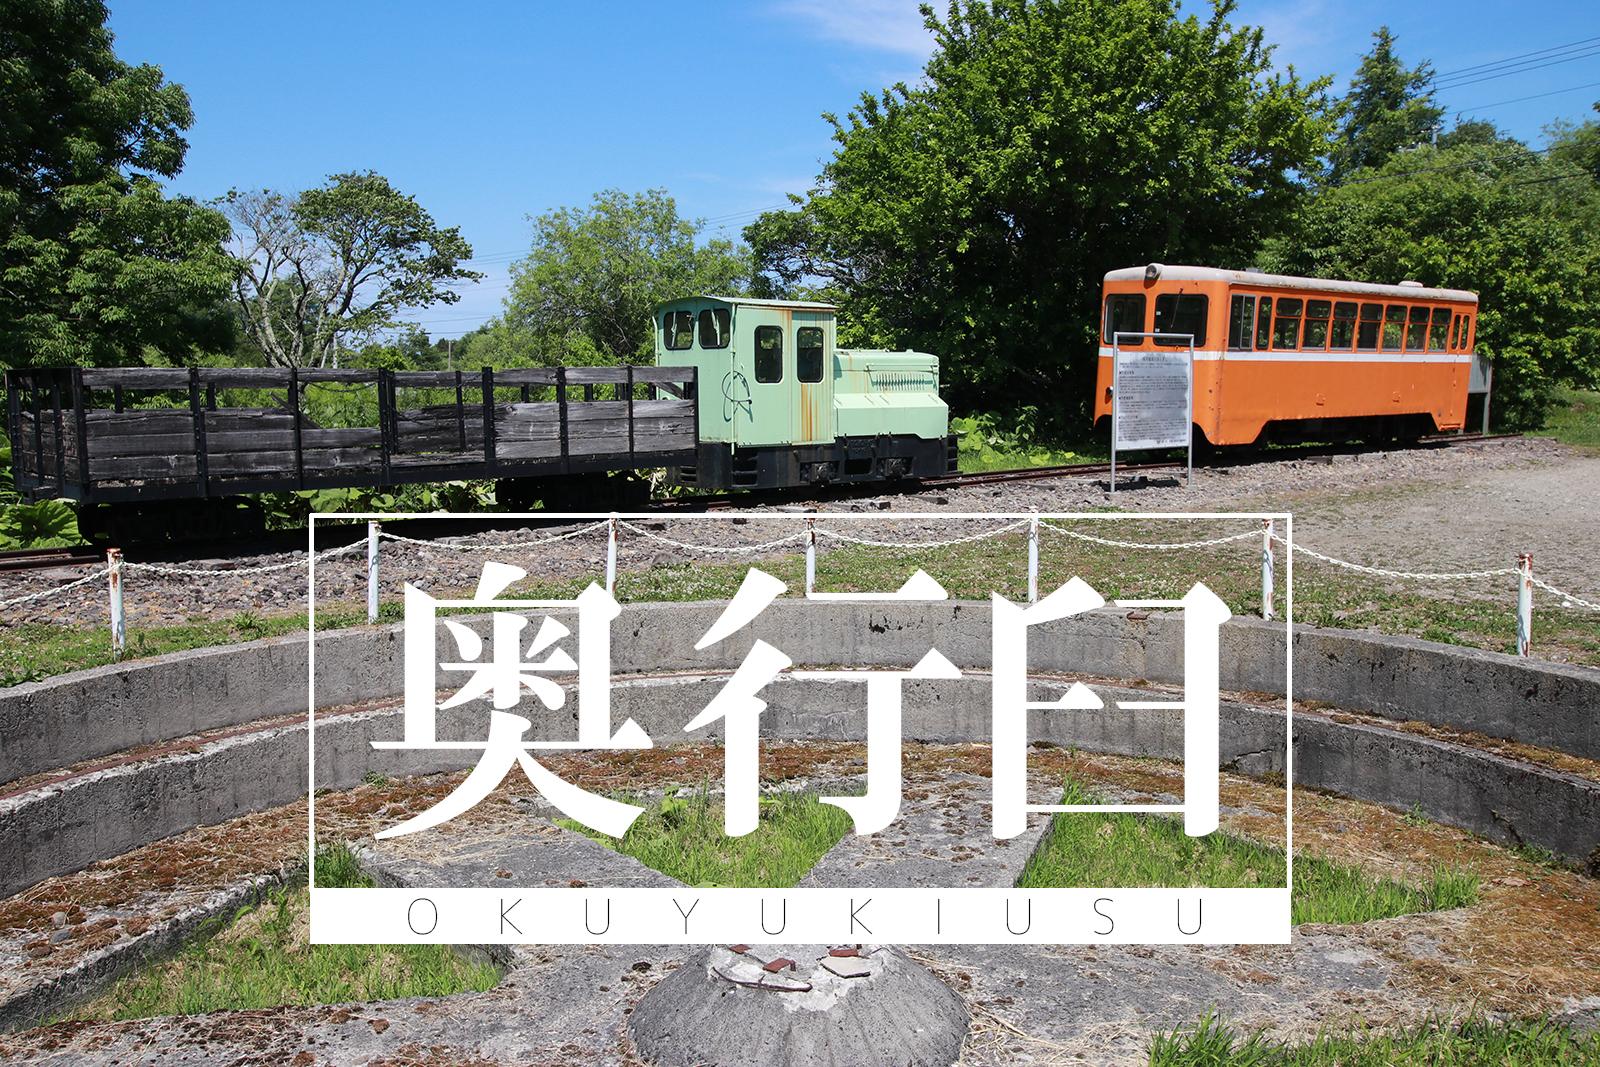 駅逓所、簡易軌道、国鉄駅の3つの交通遺産が集中する別海町奥行臼